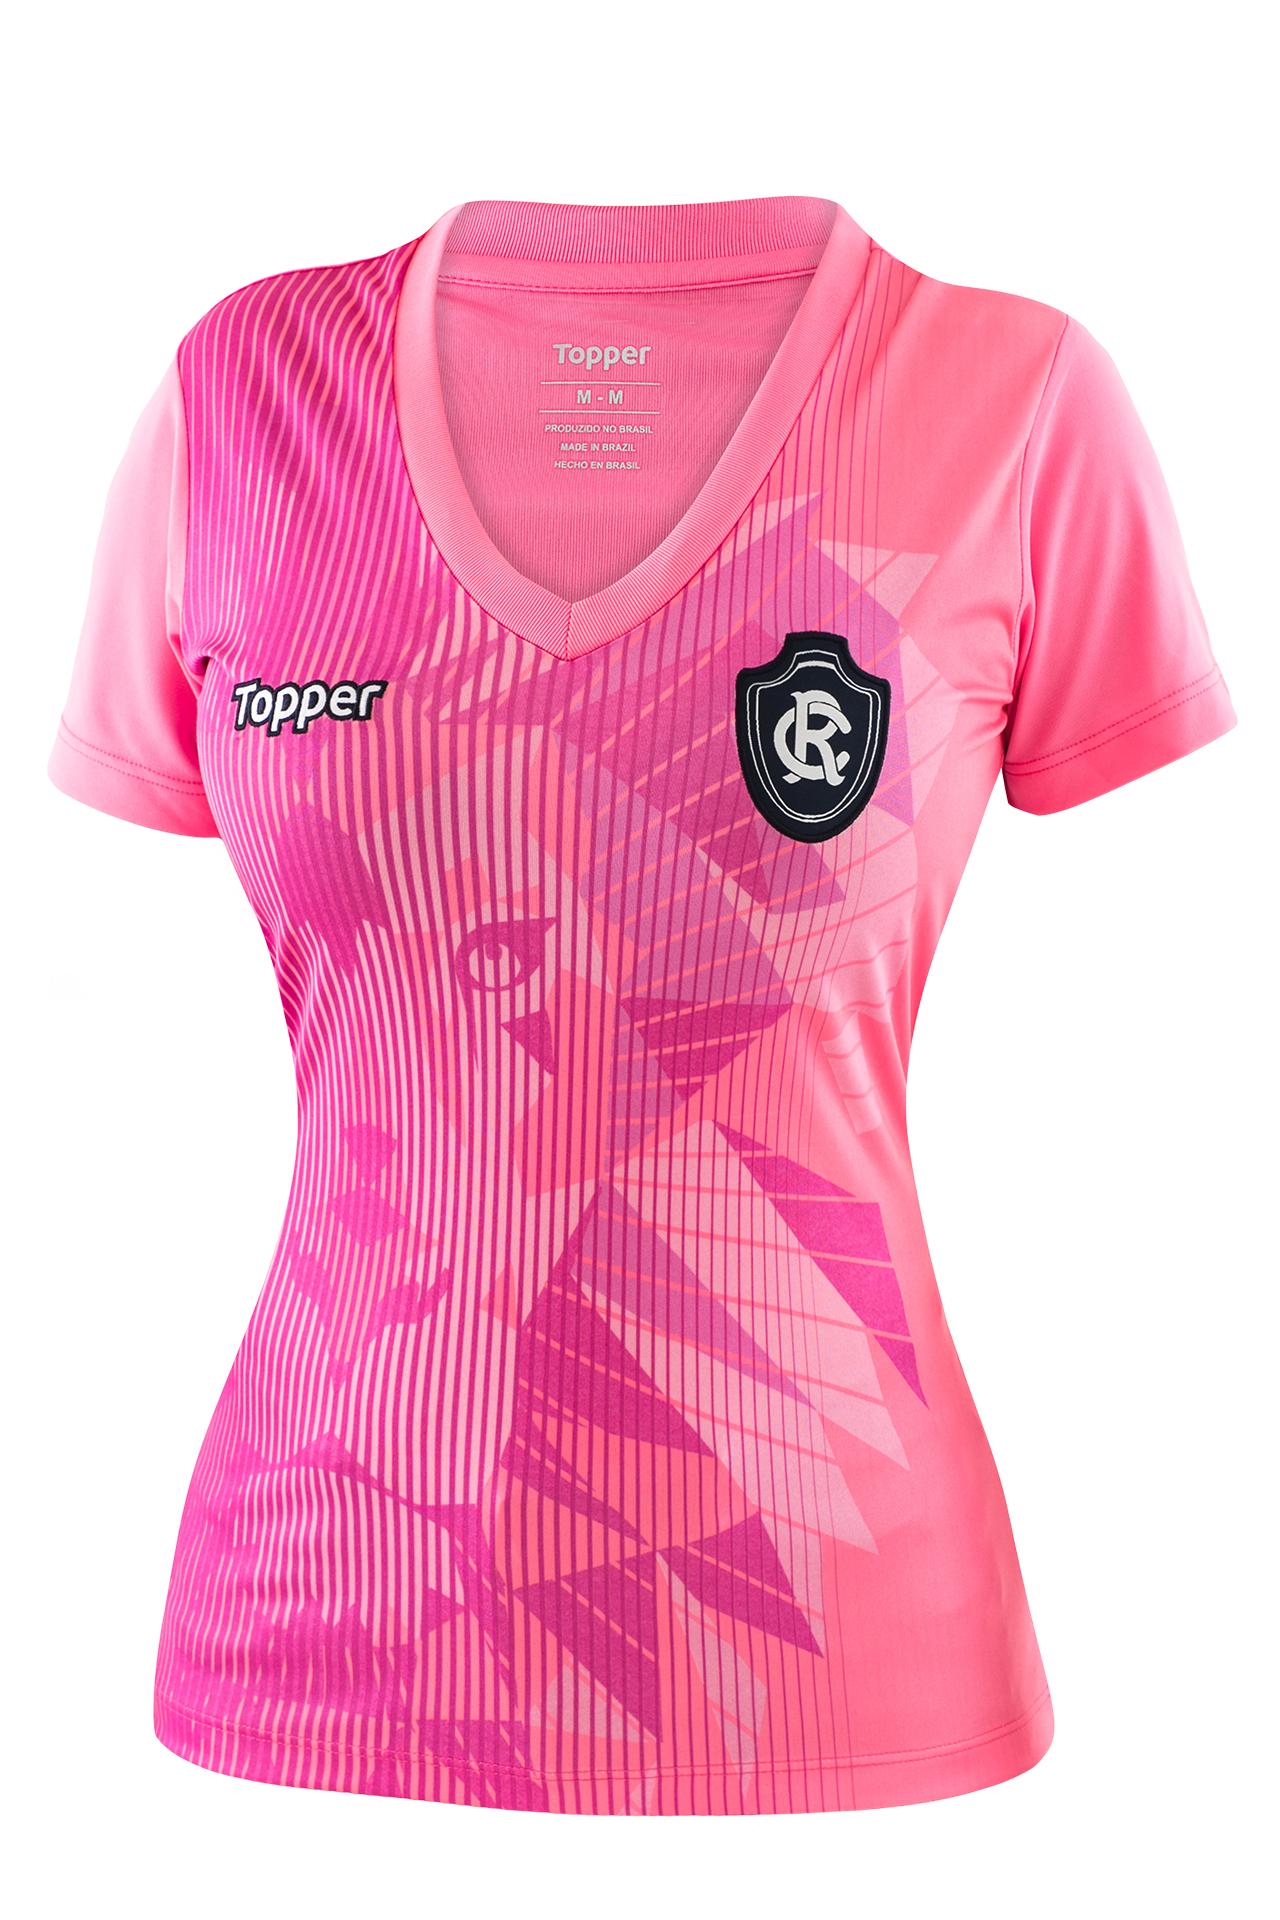 Fornecedora lança camisas alusivas ao Outubro Rosa para 11 clubes ... b84e8c4e0d3fc